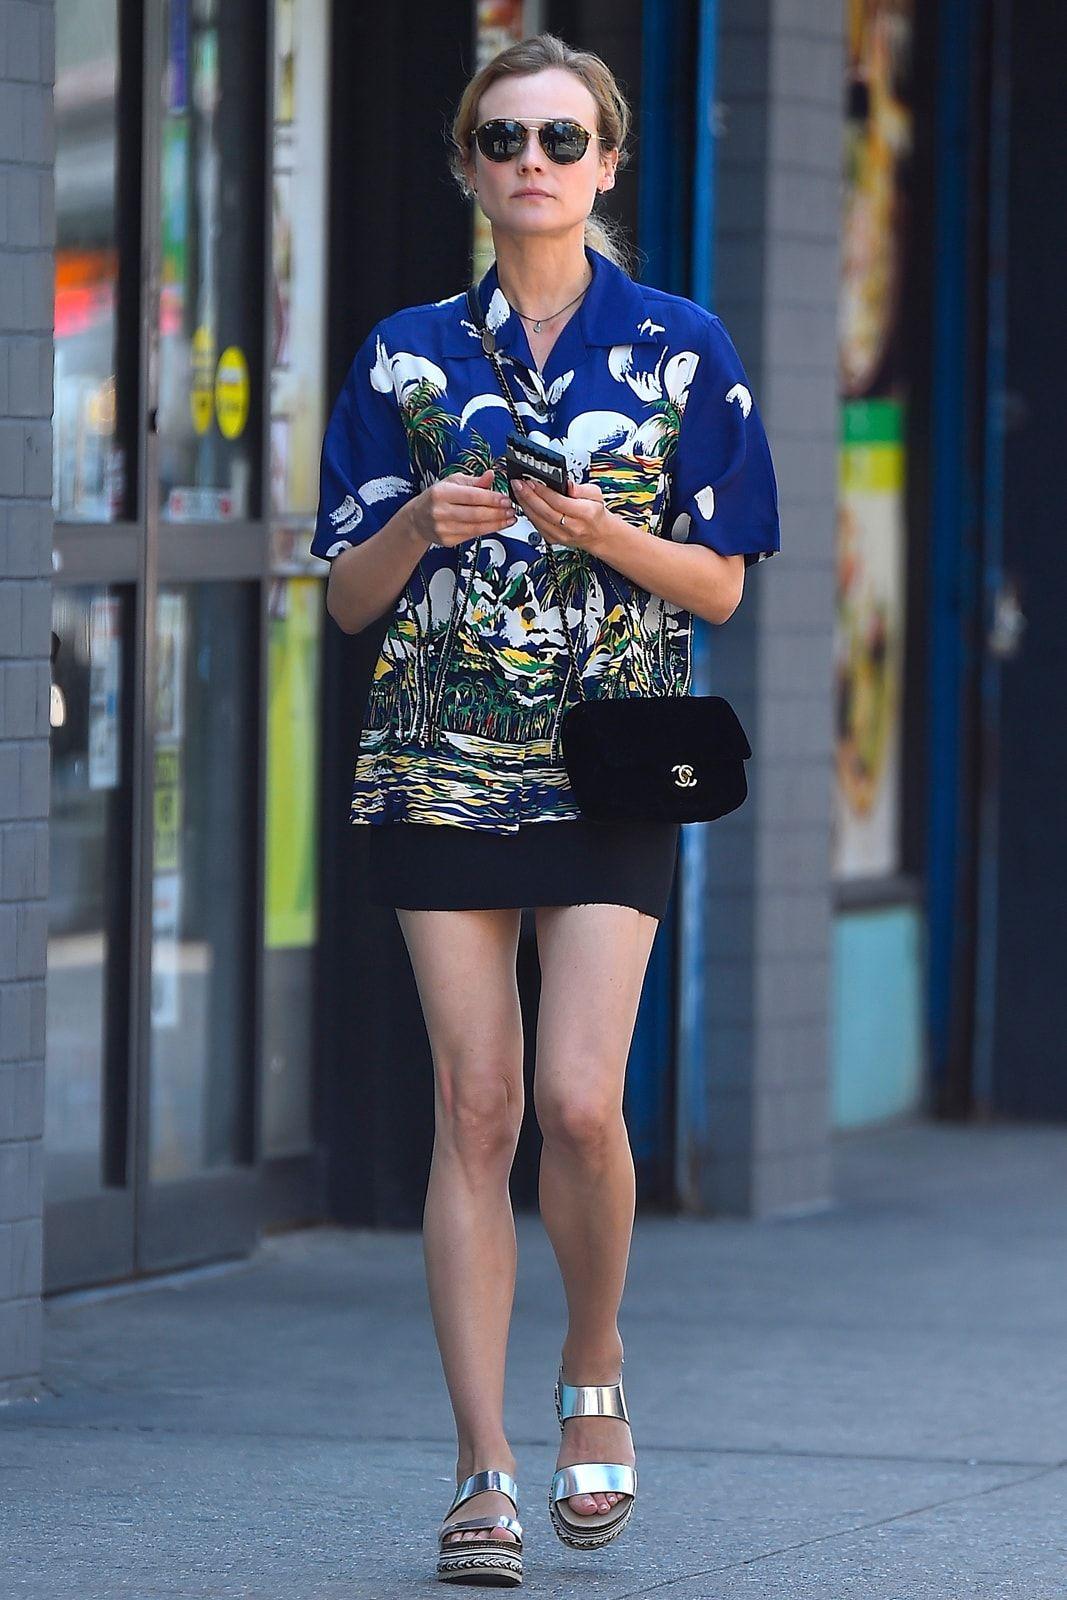 Deretan Fashion Item yang Bisa Dipinjam dari Bokap Kamu!